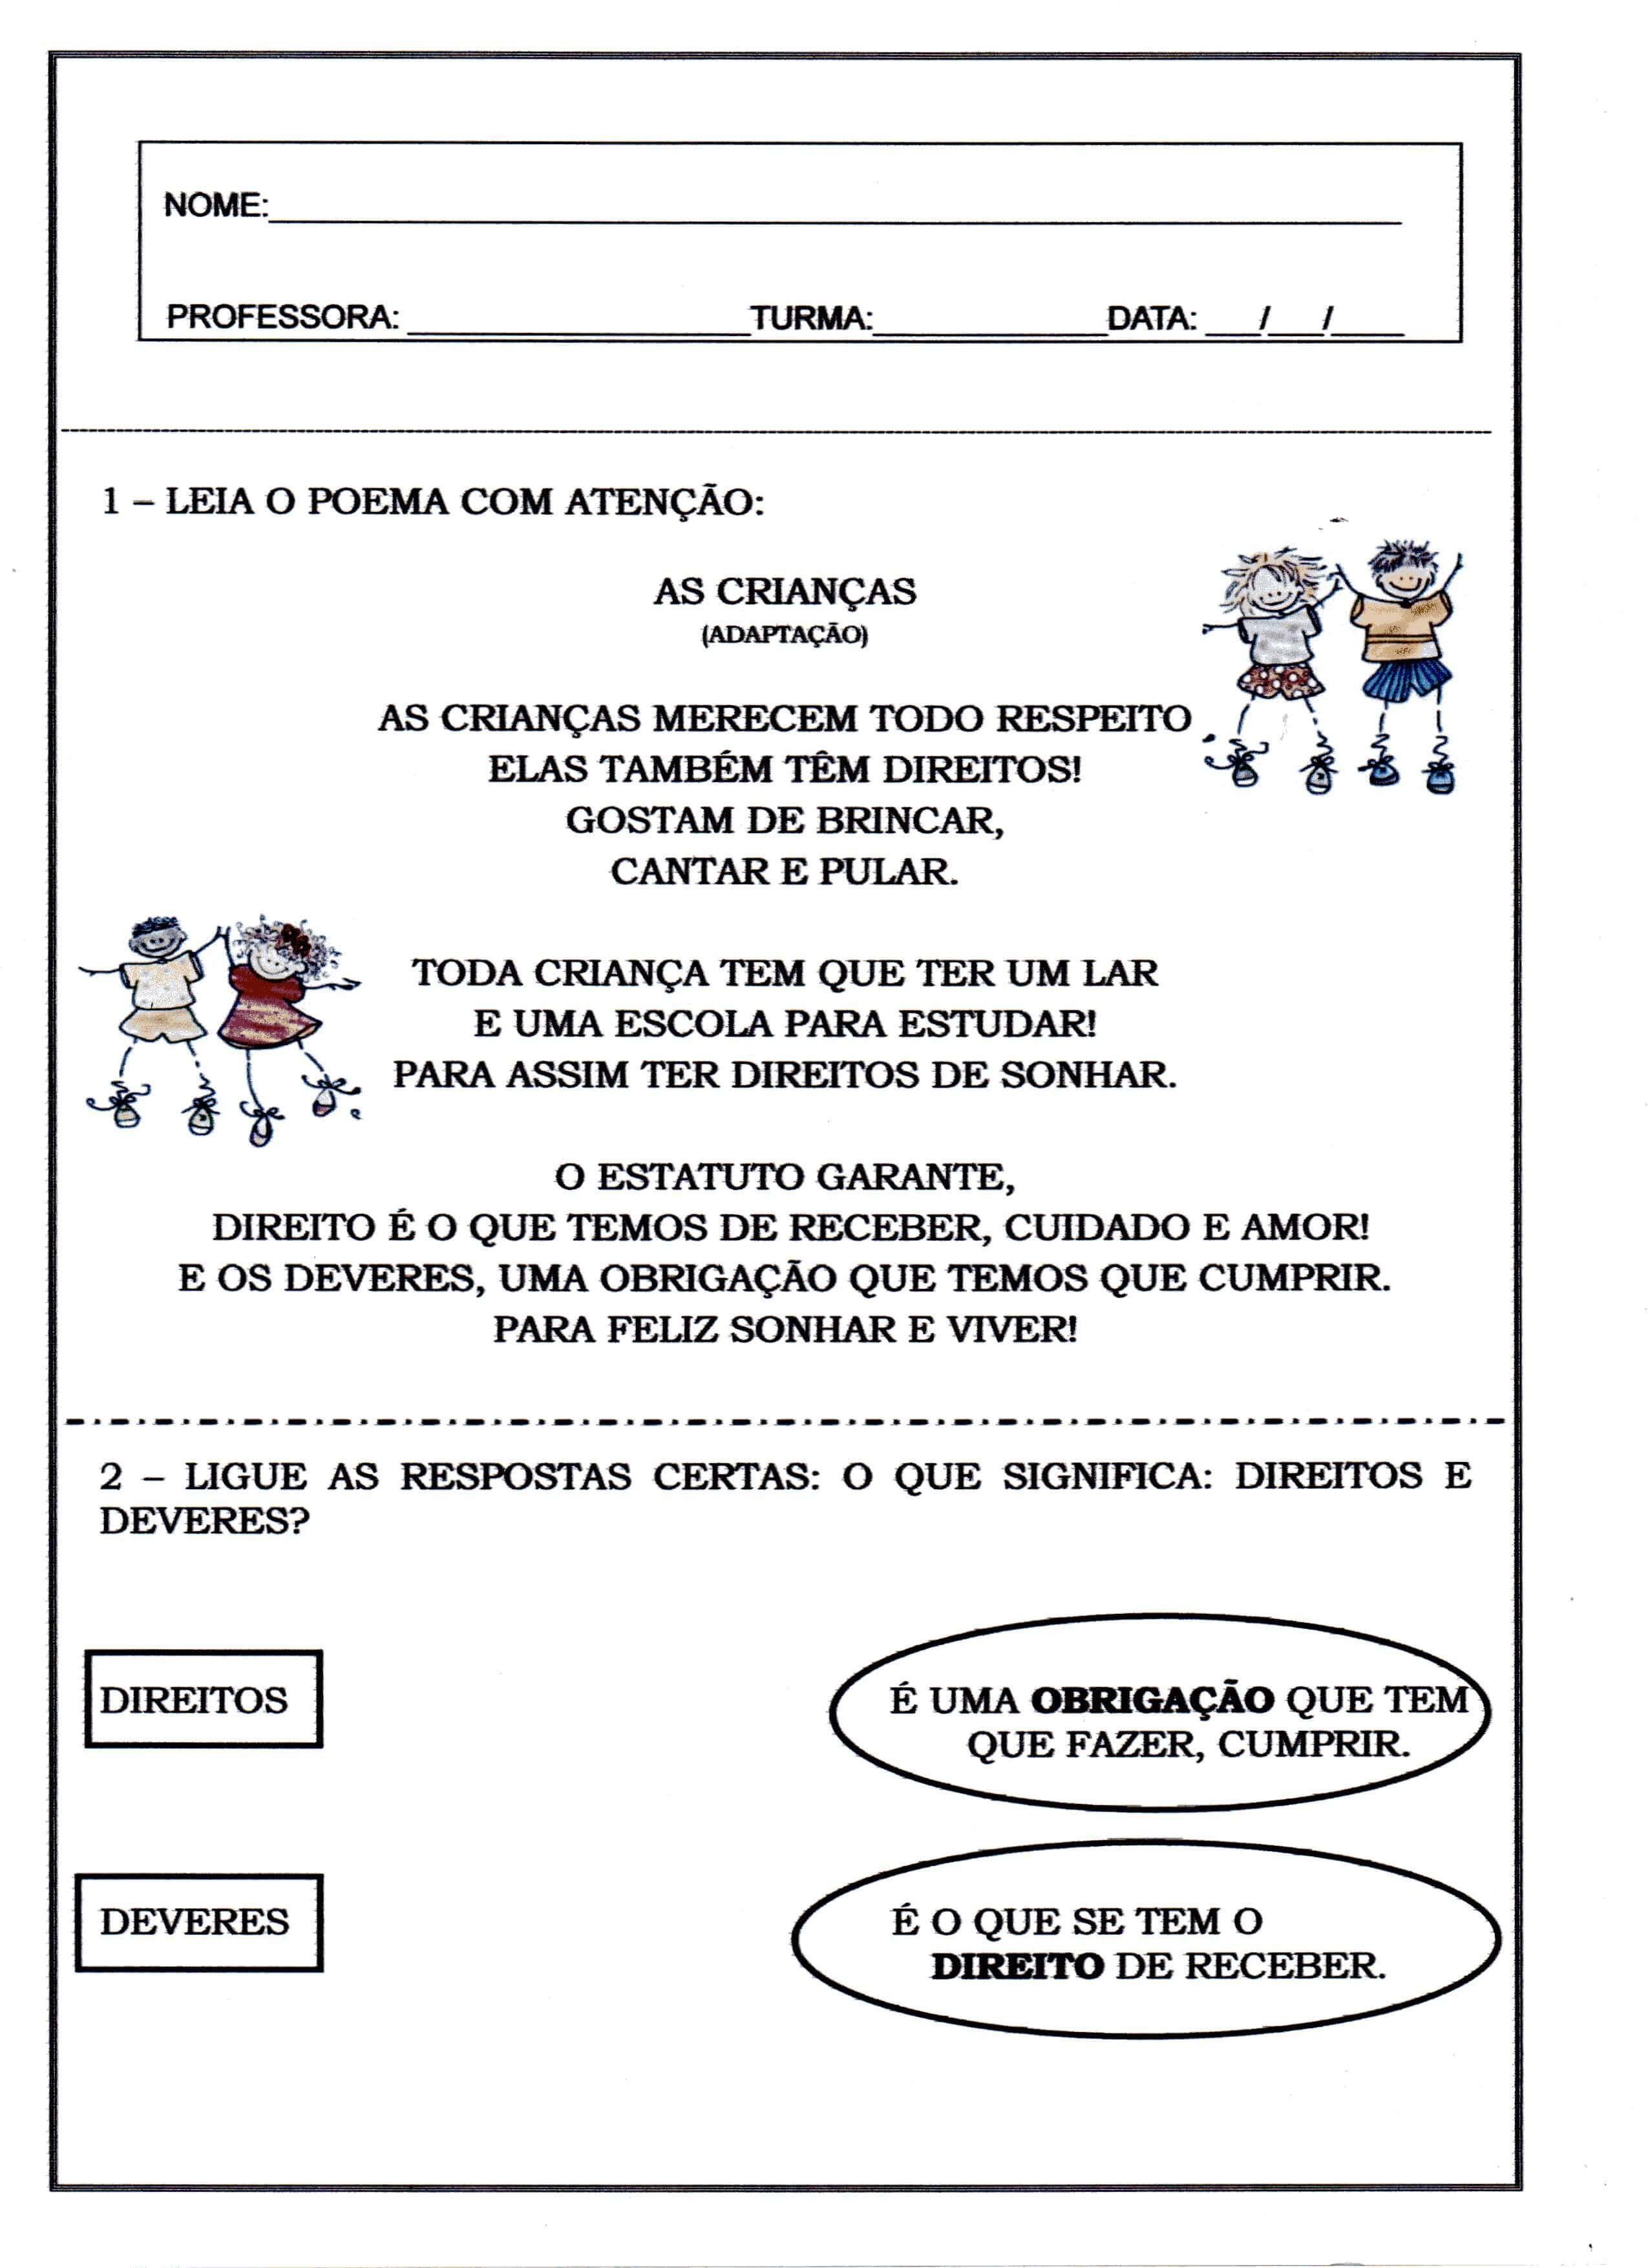 Pin De Edilza Silva Em Direitos E Deveres Direitos Das Criancas